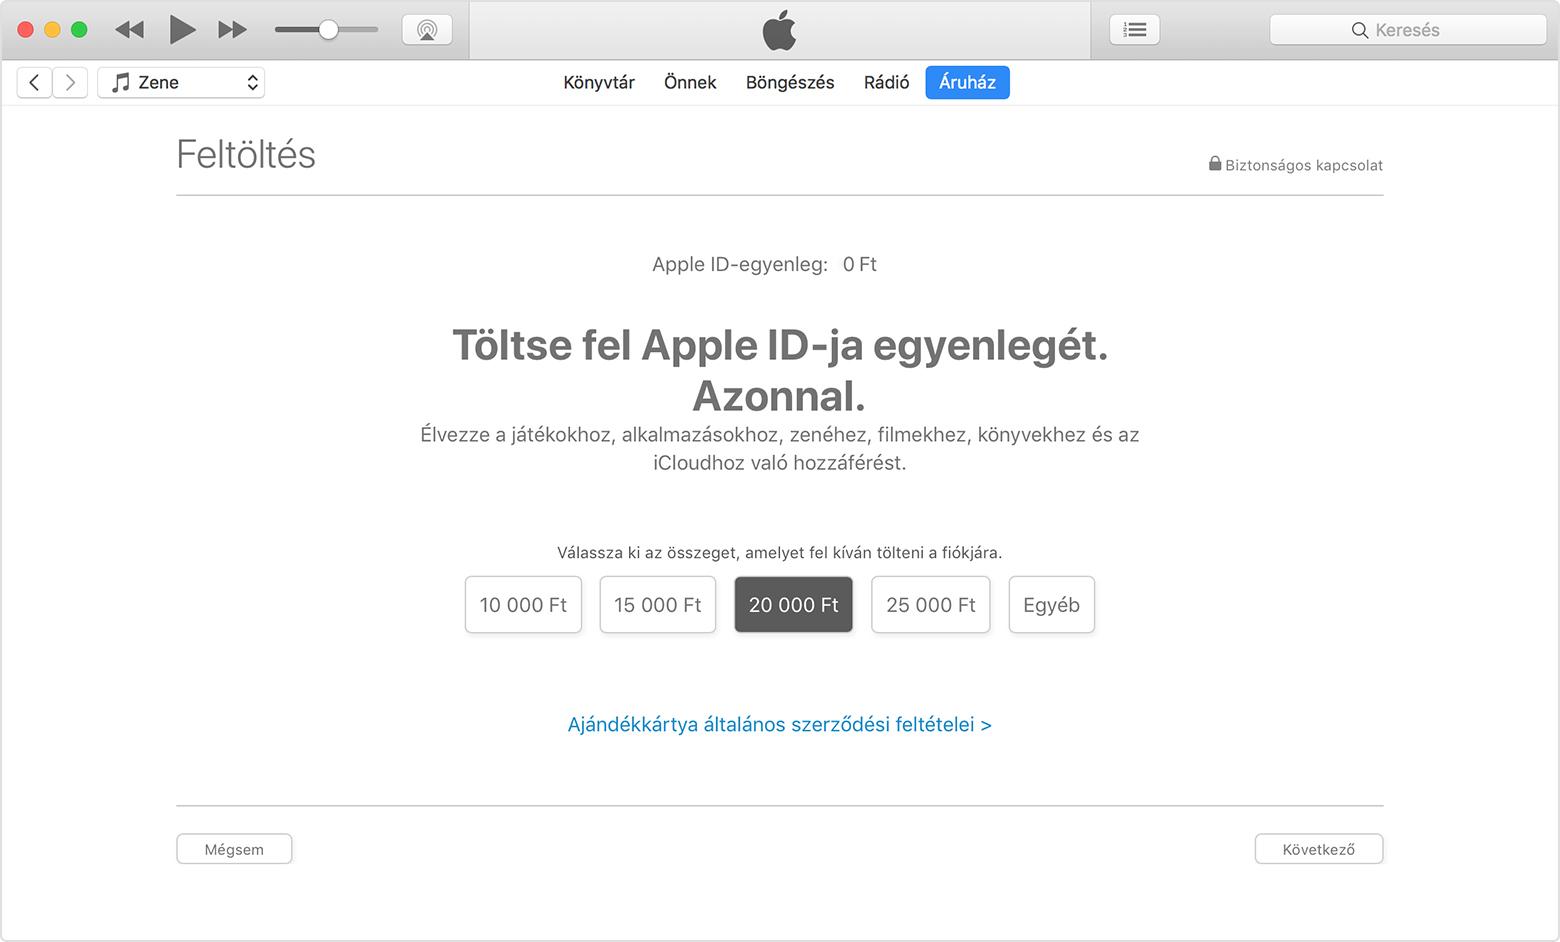 Az egyenleg feltöltése az Apple ID-fiókban - Apple Támogatás 84d6f2f696